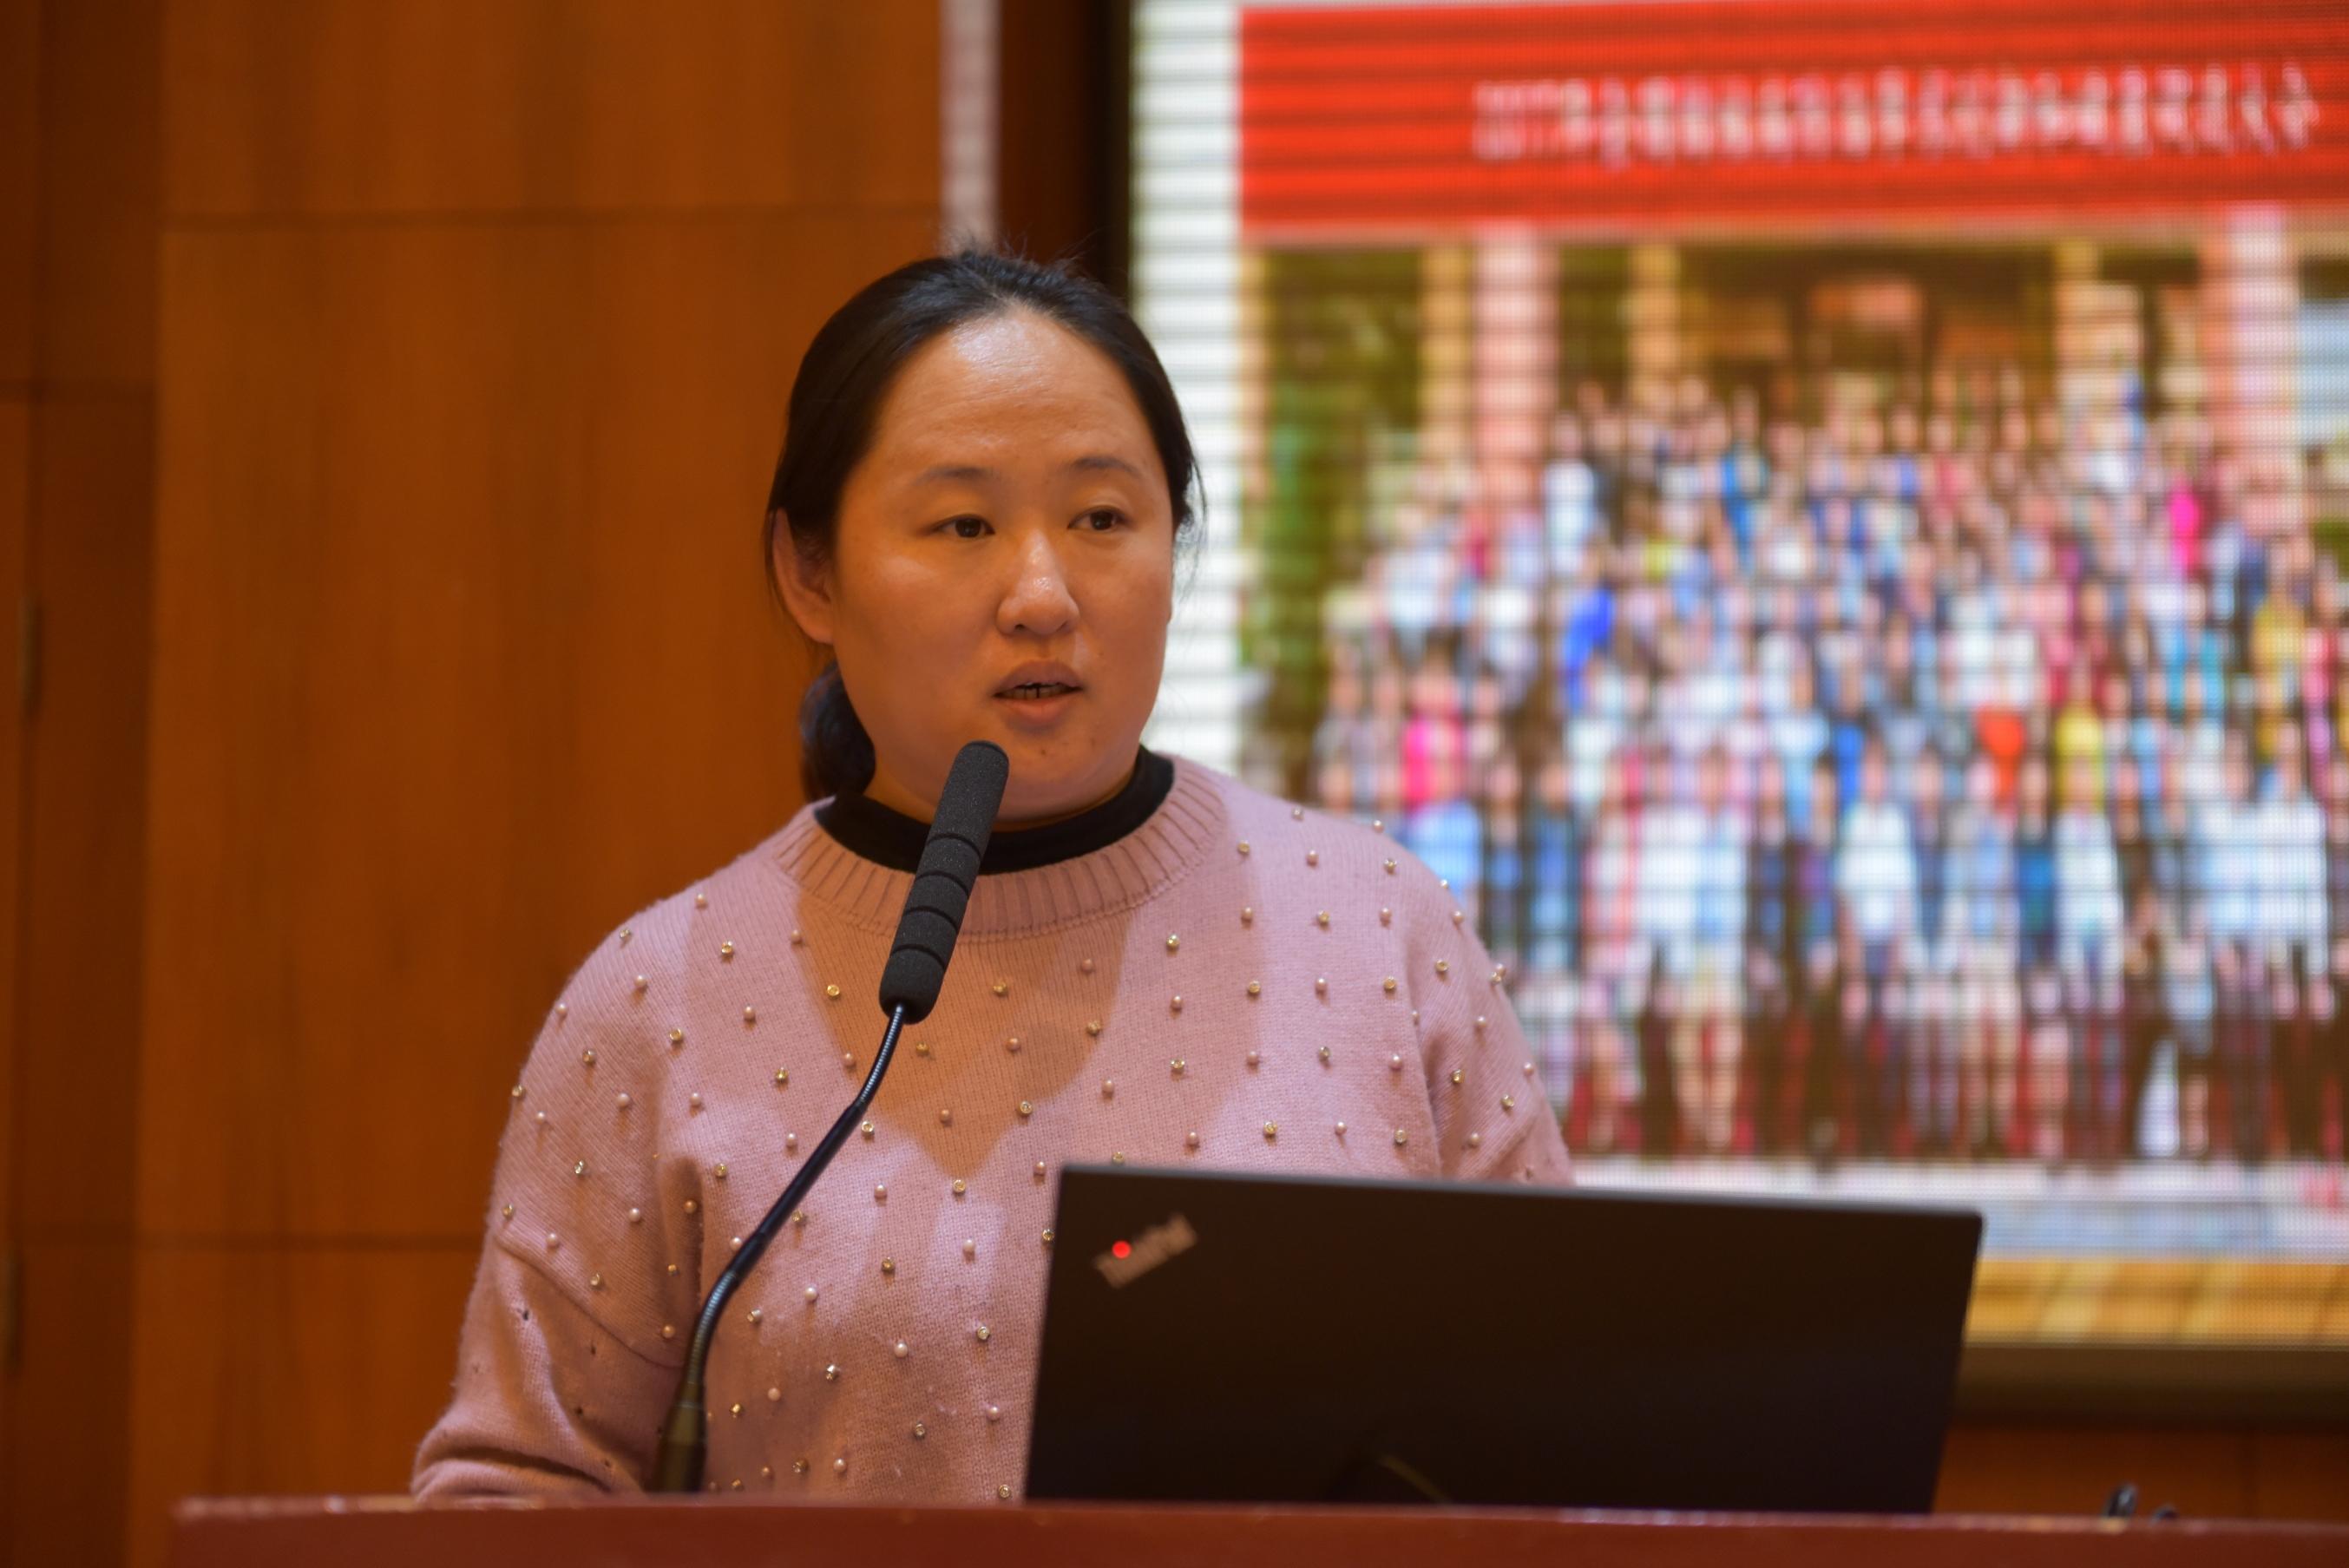 中国防痨协会第十一届理事会第四次常务理事扩大会议在北京召开,分支机构总结报告百花齐放绽光彩!